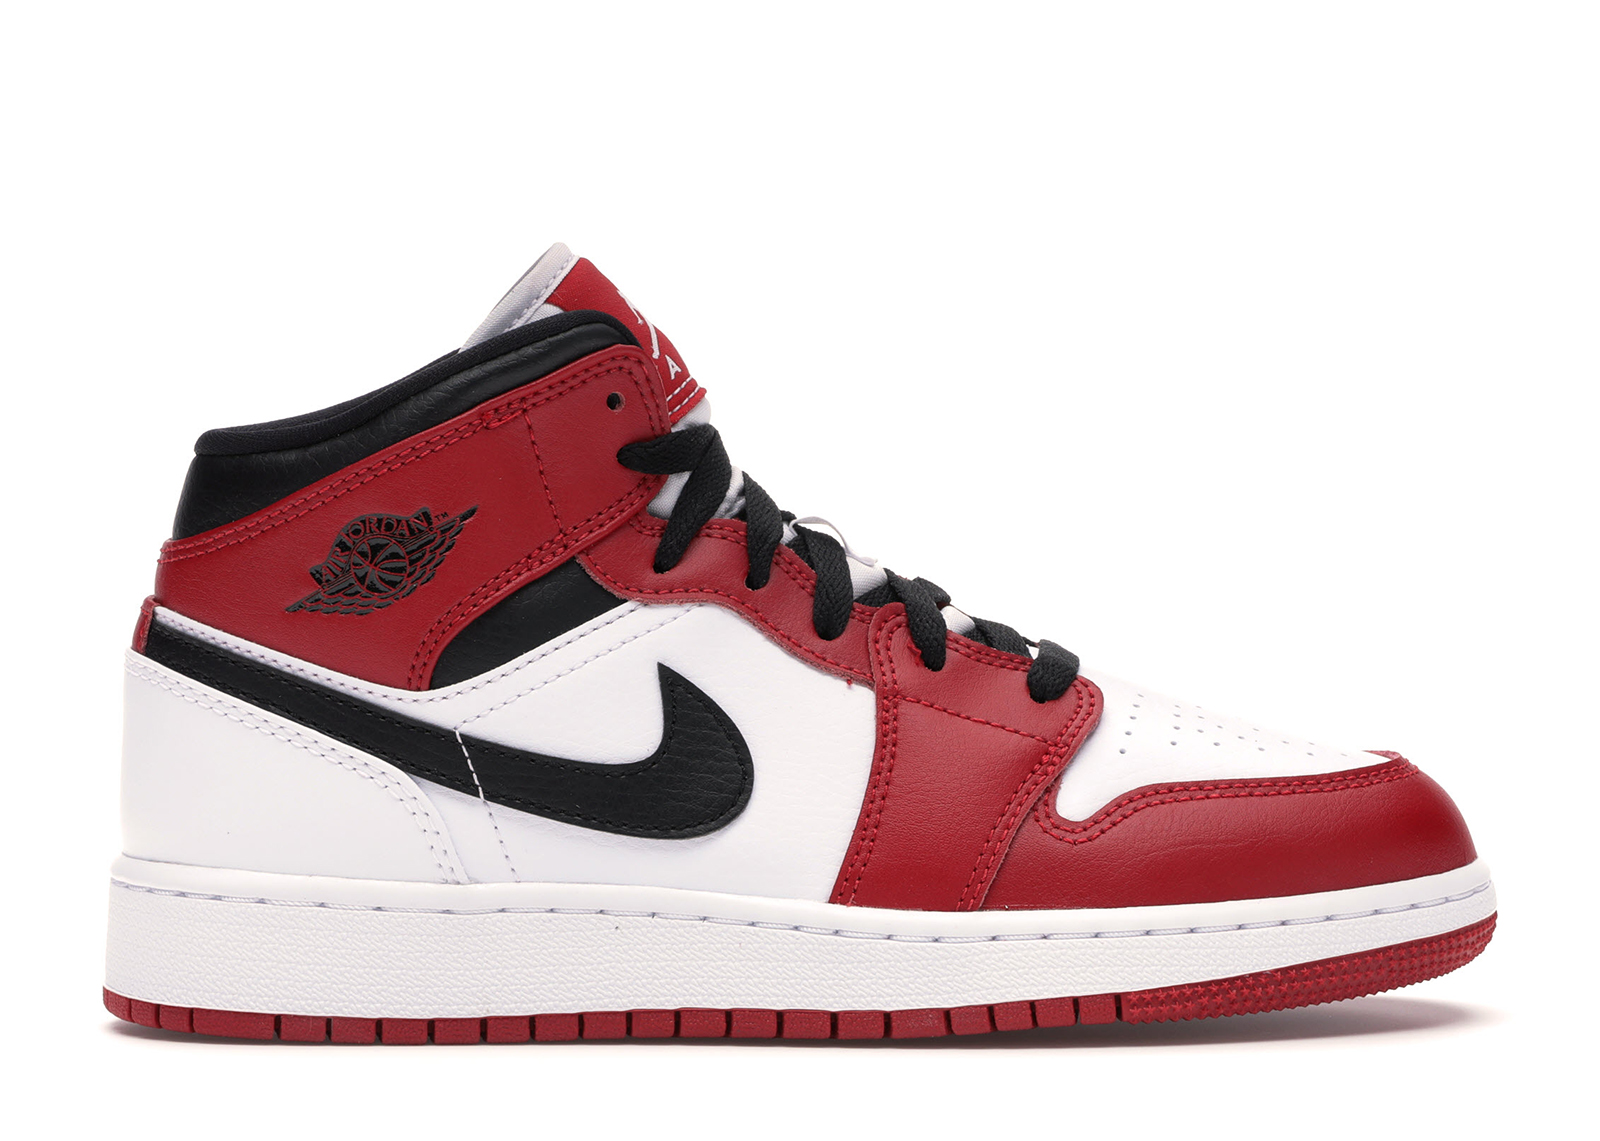 Buy Air Jordan 1 Mid Shoes & Deadstock Sneakers